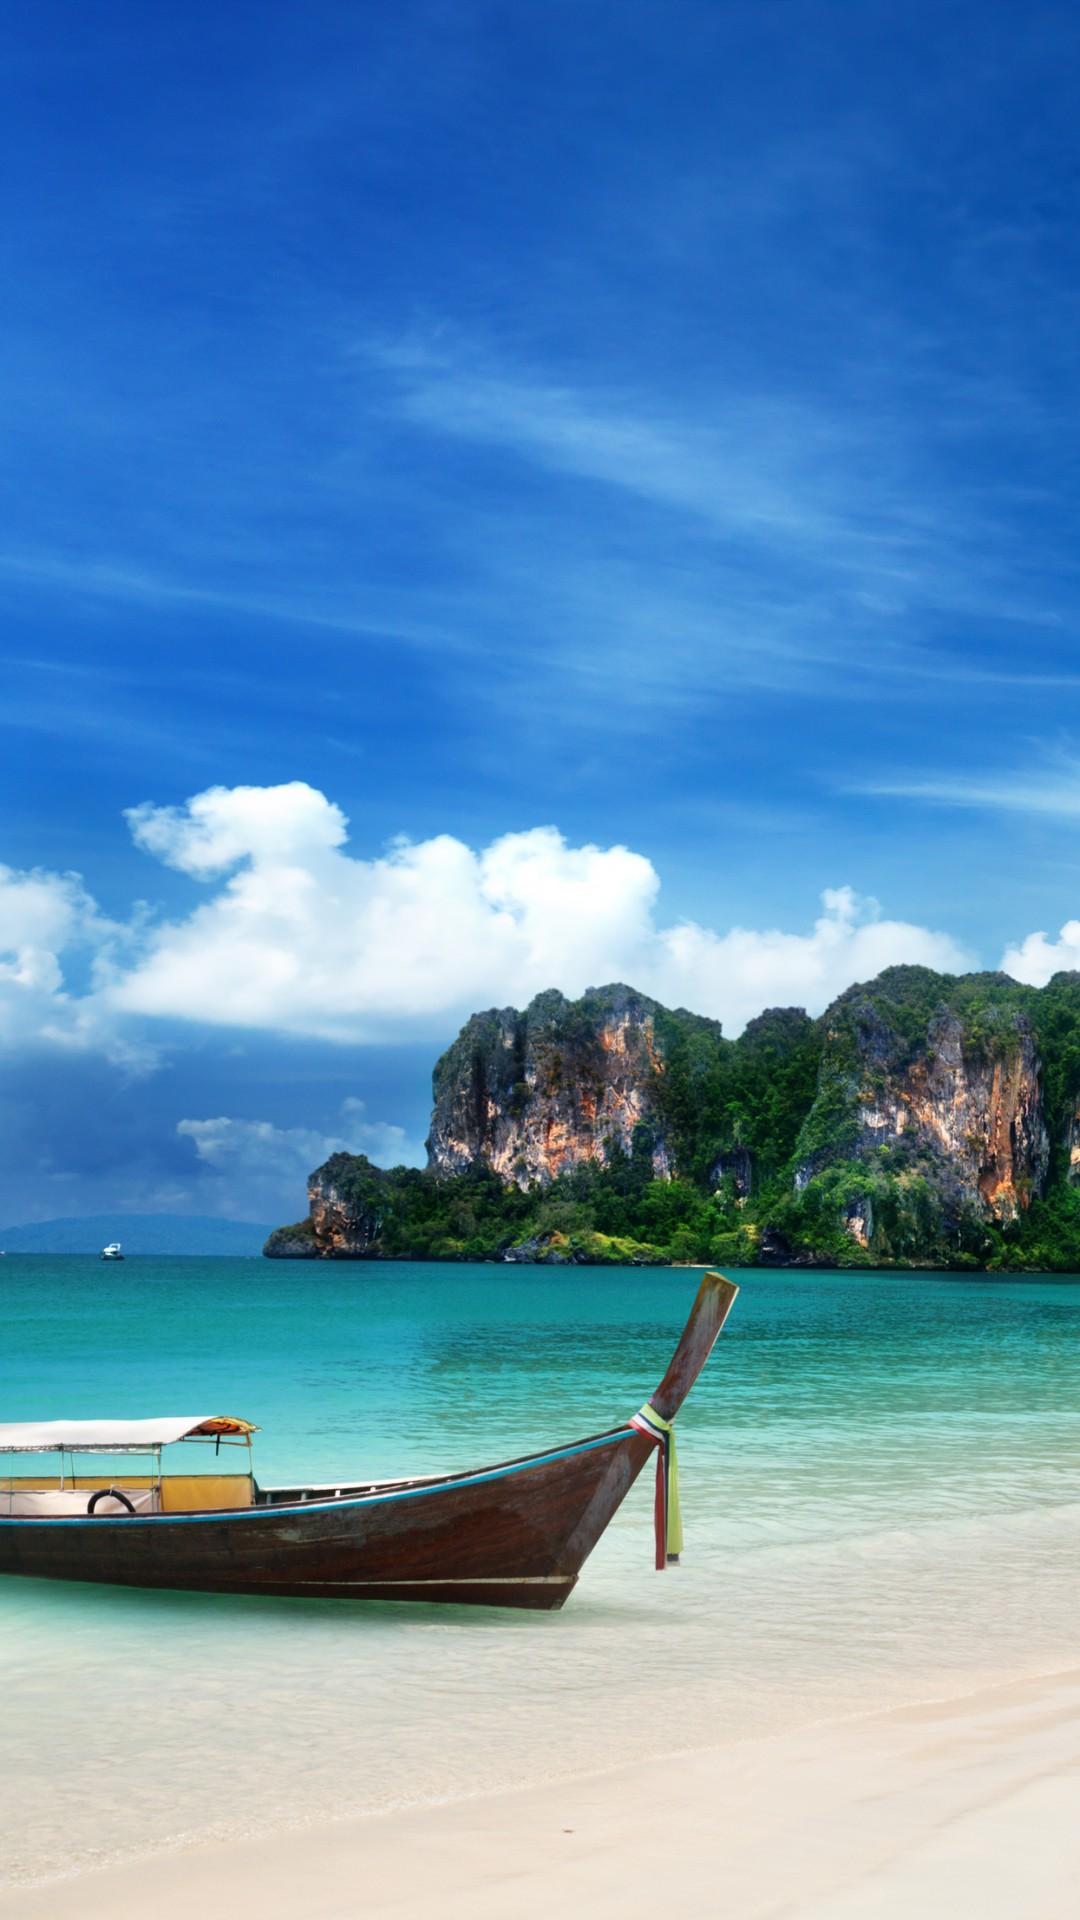 Wallpaper Krabi Beach Hd 4k Wallpaper Thailand Best